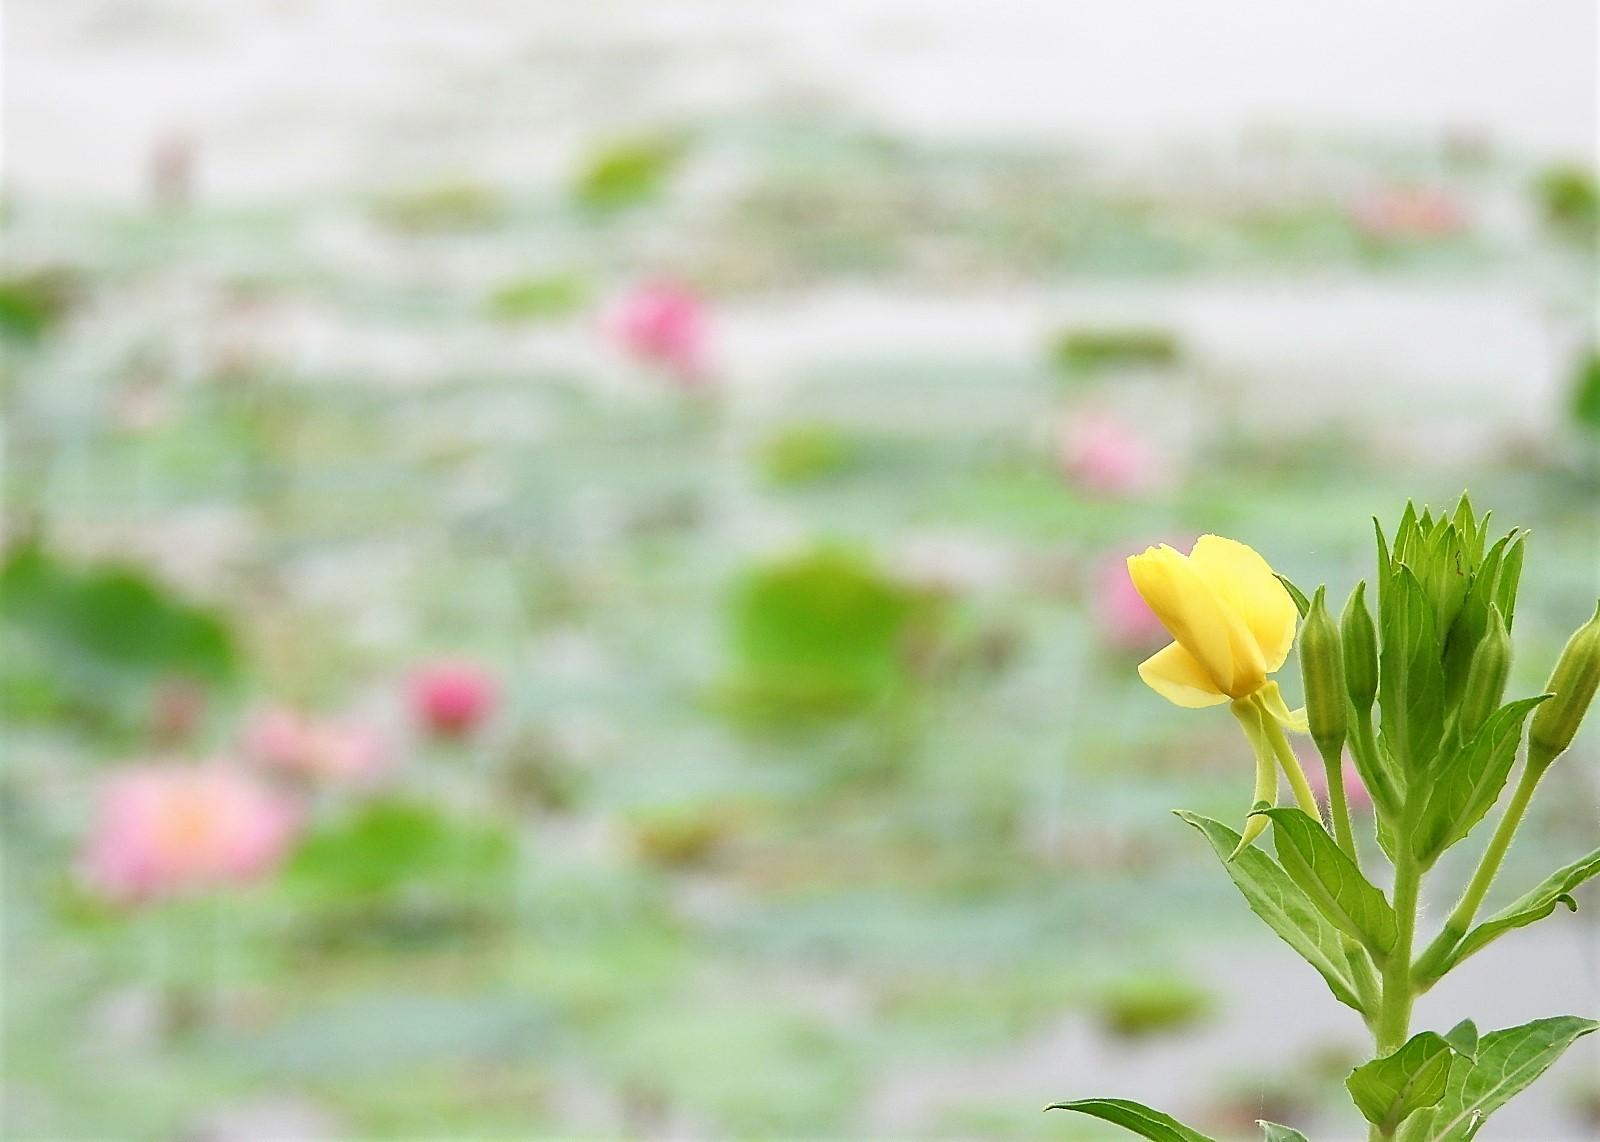 蓮には月見草がよく似合う_e0406450_13543050.jpg